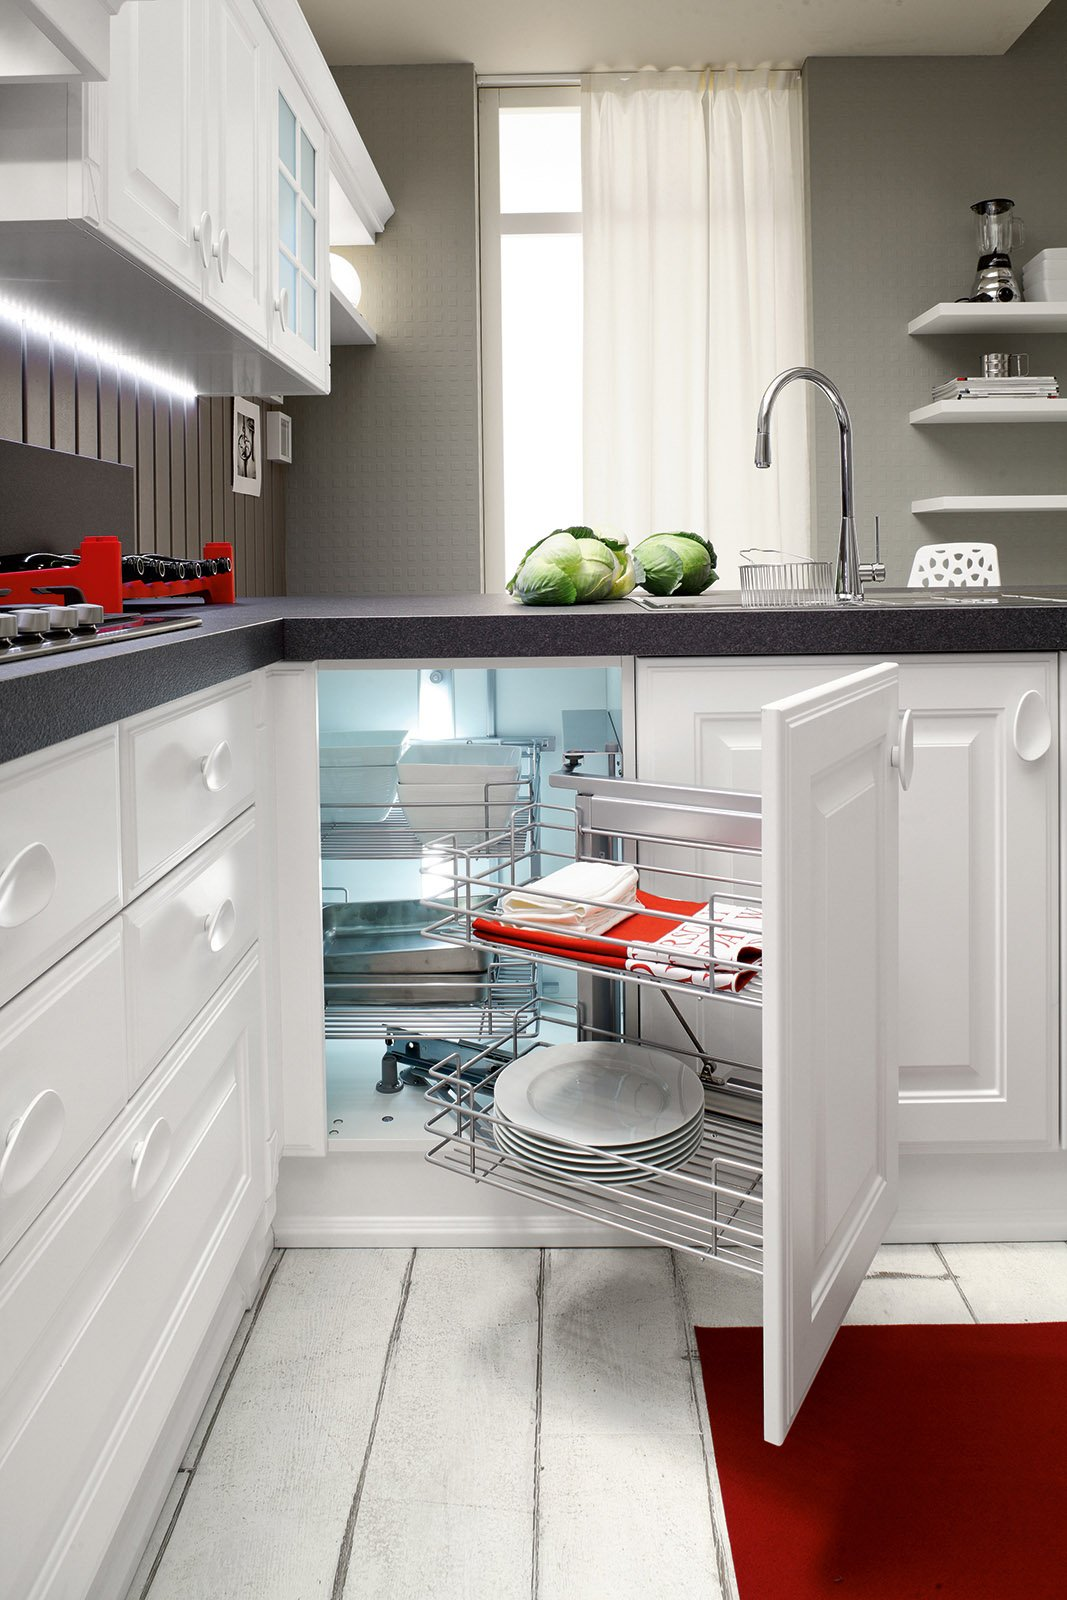 Cucina la luce nel punto giusto cose di casa - Ikea illuminazione sottopensile cucina ...